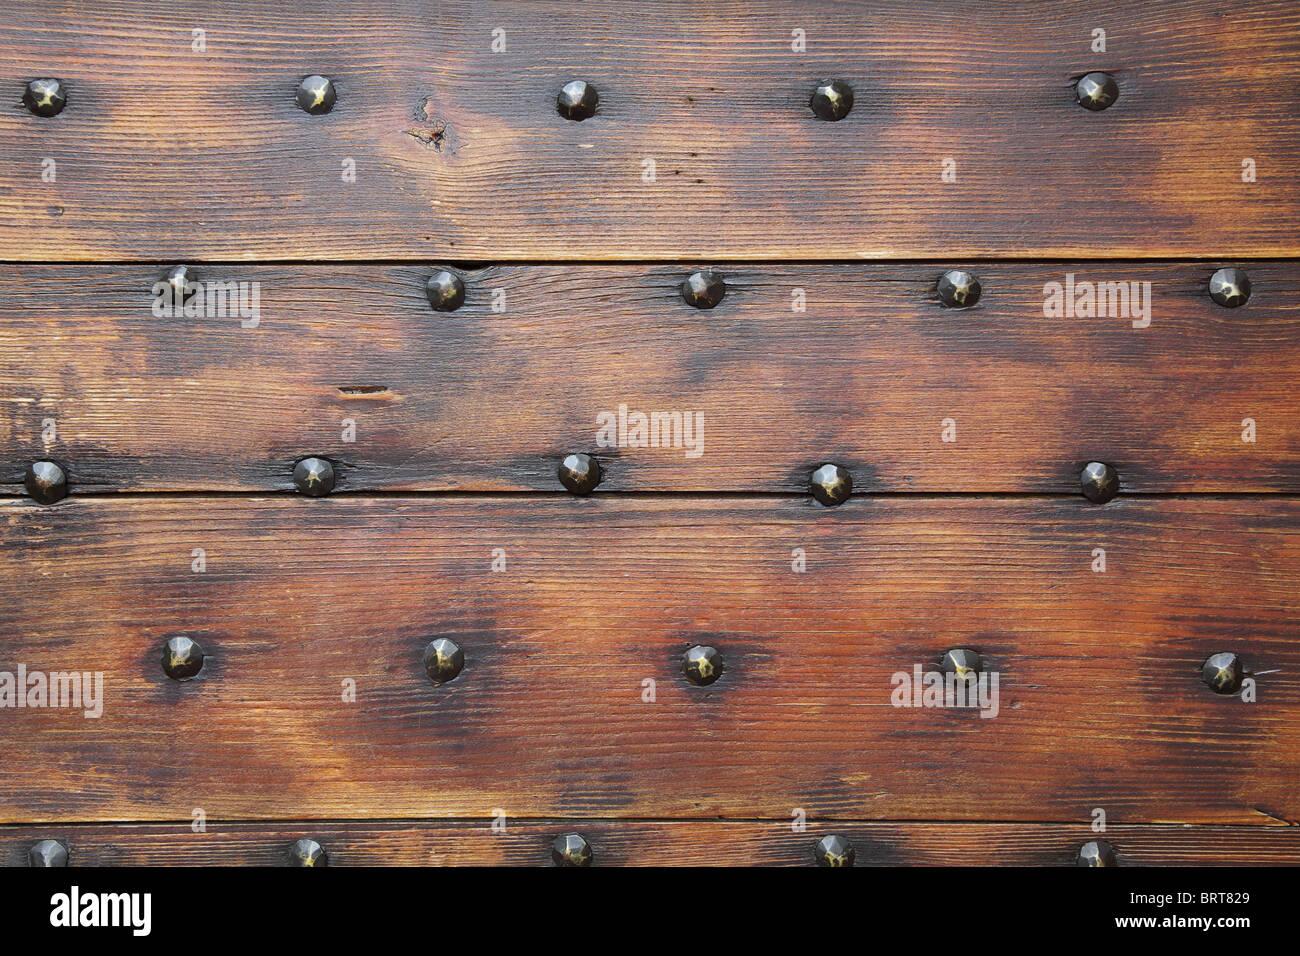 Superficie di legno con chiodi, uno sfondo Immagini Stock